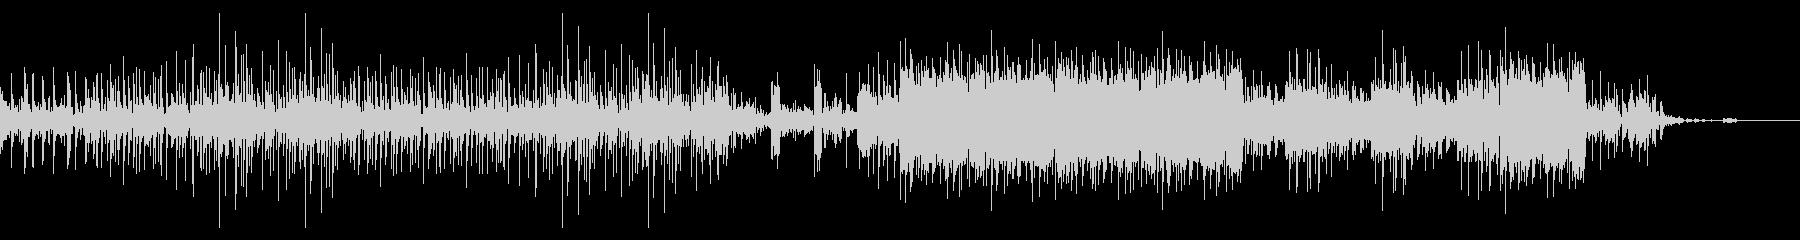 ダウンビートなエクスペリメンタルロックの未再生の波形